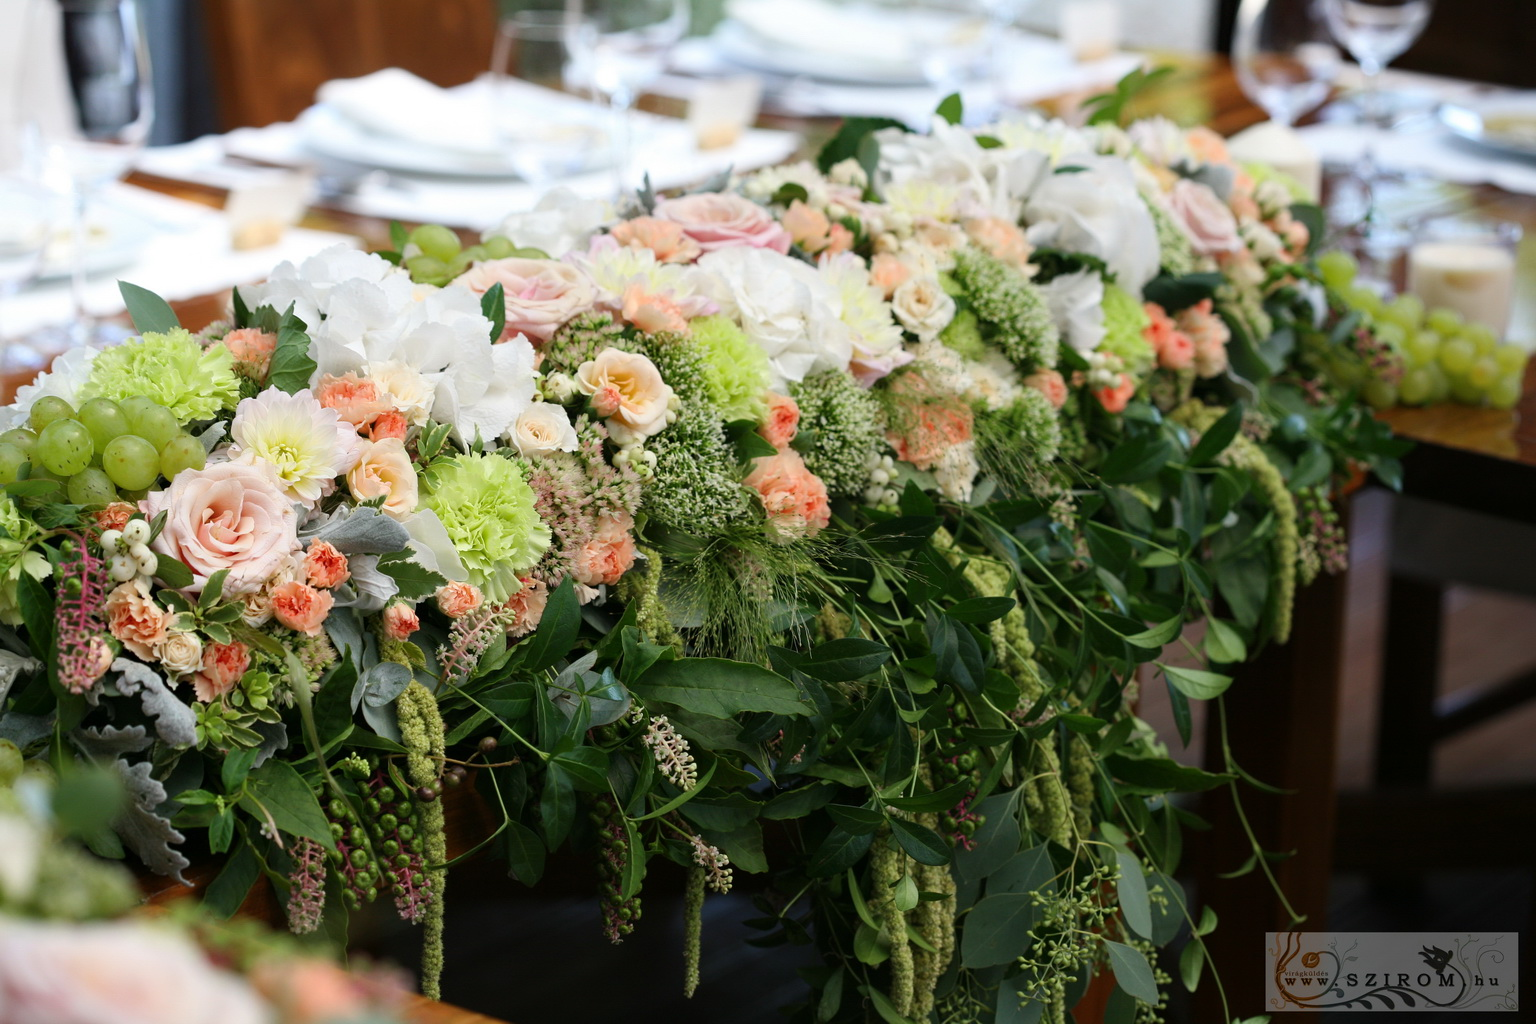 99308ccff5 Főasztaldísz borászatban Haraszthy Vallejo Pincészet (rózsa, hortenzia,  szegfű, vadvirágok, szőlő, barack, fehér, zöld), esküvő(id: 8679)